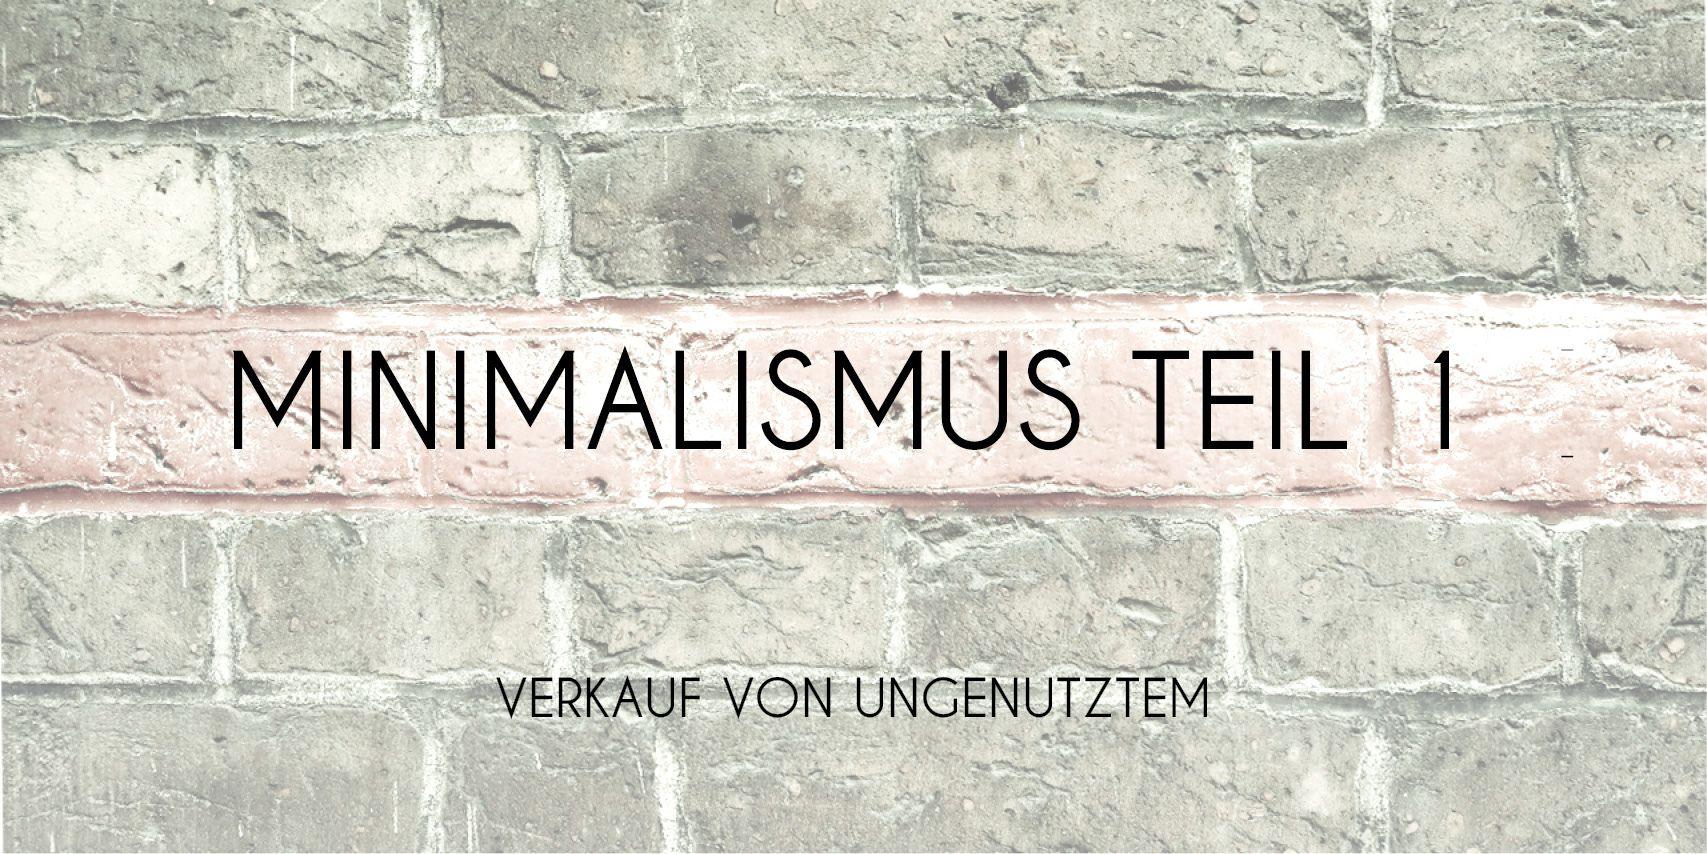 Minimalismus Teil 1 Minimalismus Einfach Leben